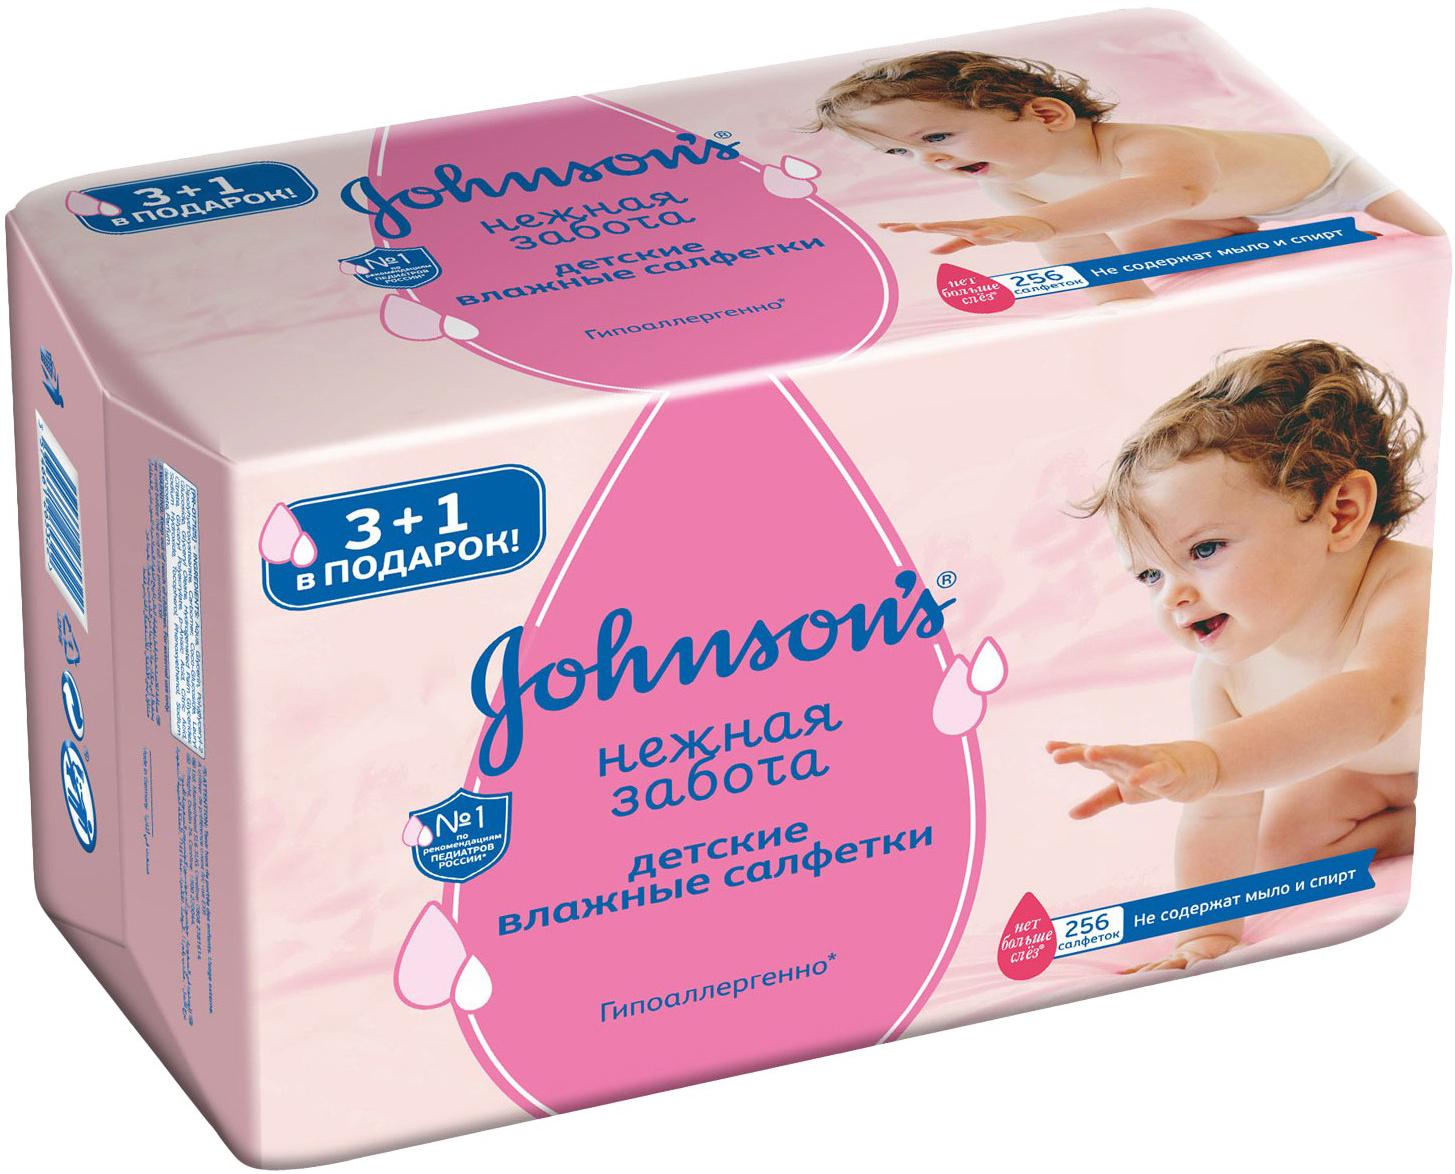 Прокладки и салфетки Johnson's baby Влажные салфетки Johnsons baby «Нежная забота» 256 шт. салфетки влажные johnsons baby нежная забота пропитка лосьёном не содержит спирта 64 шт 90763 53553